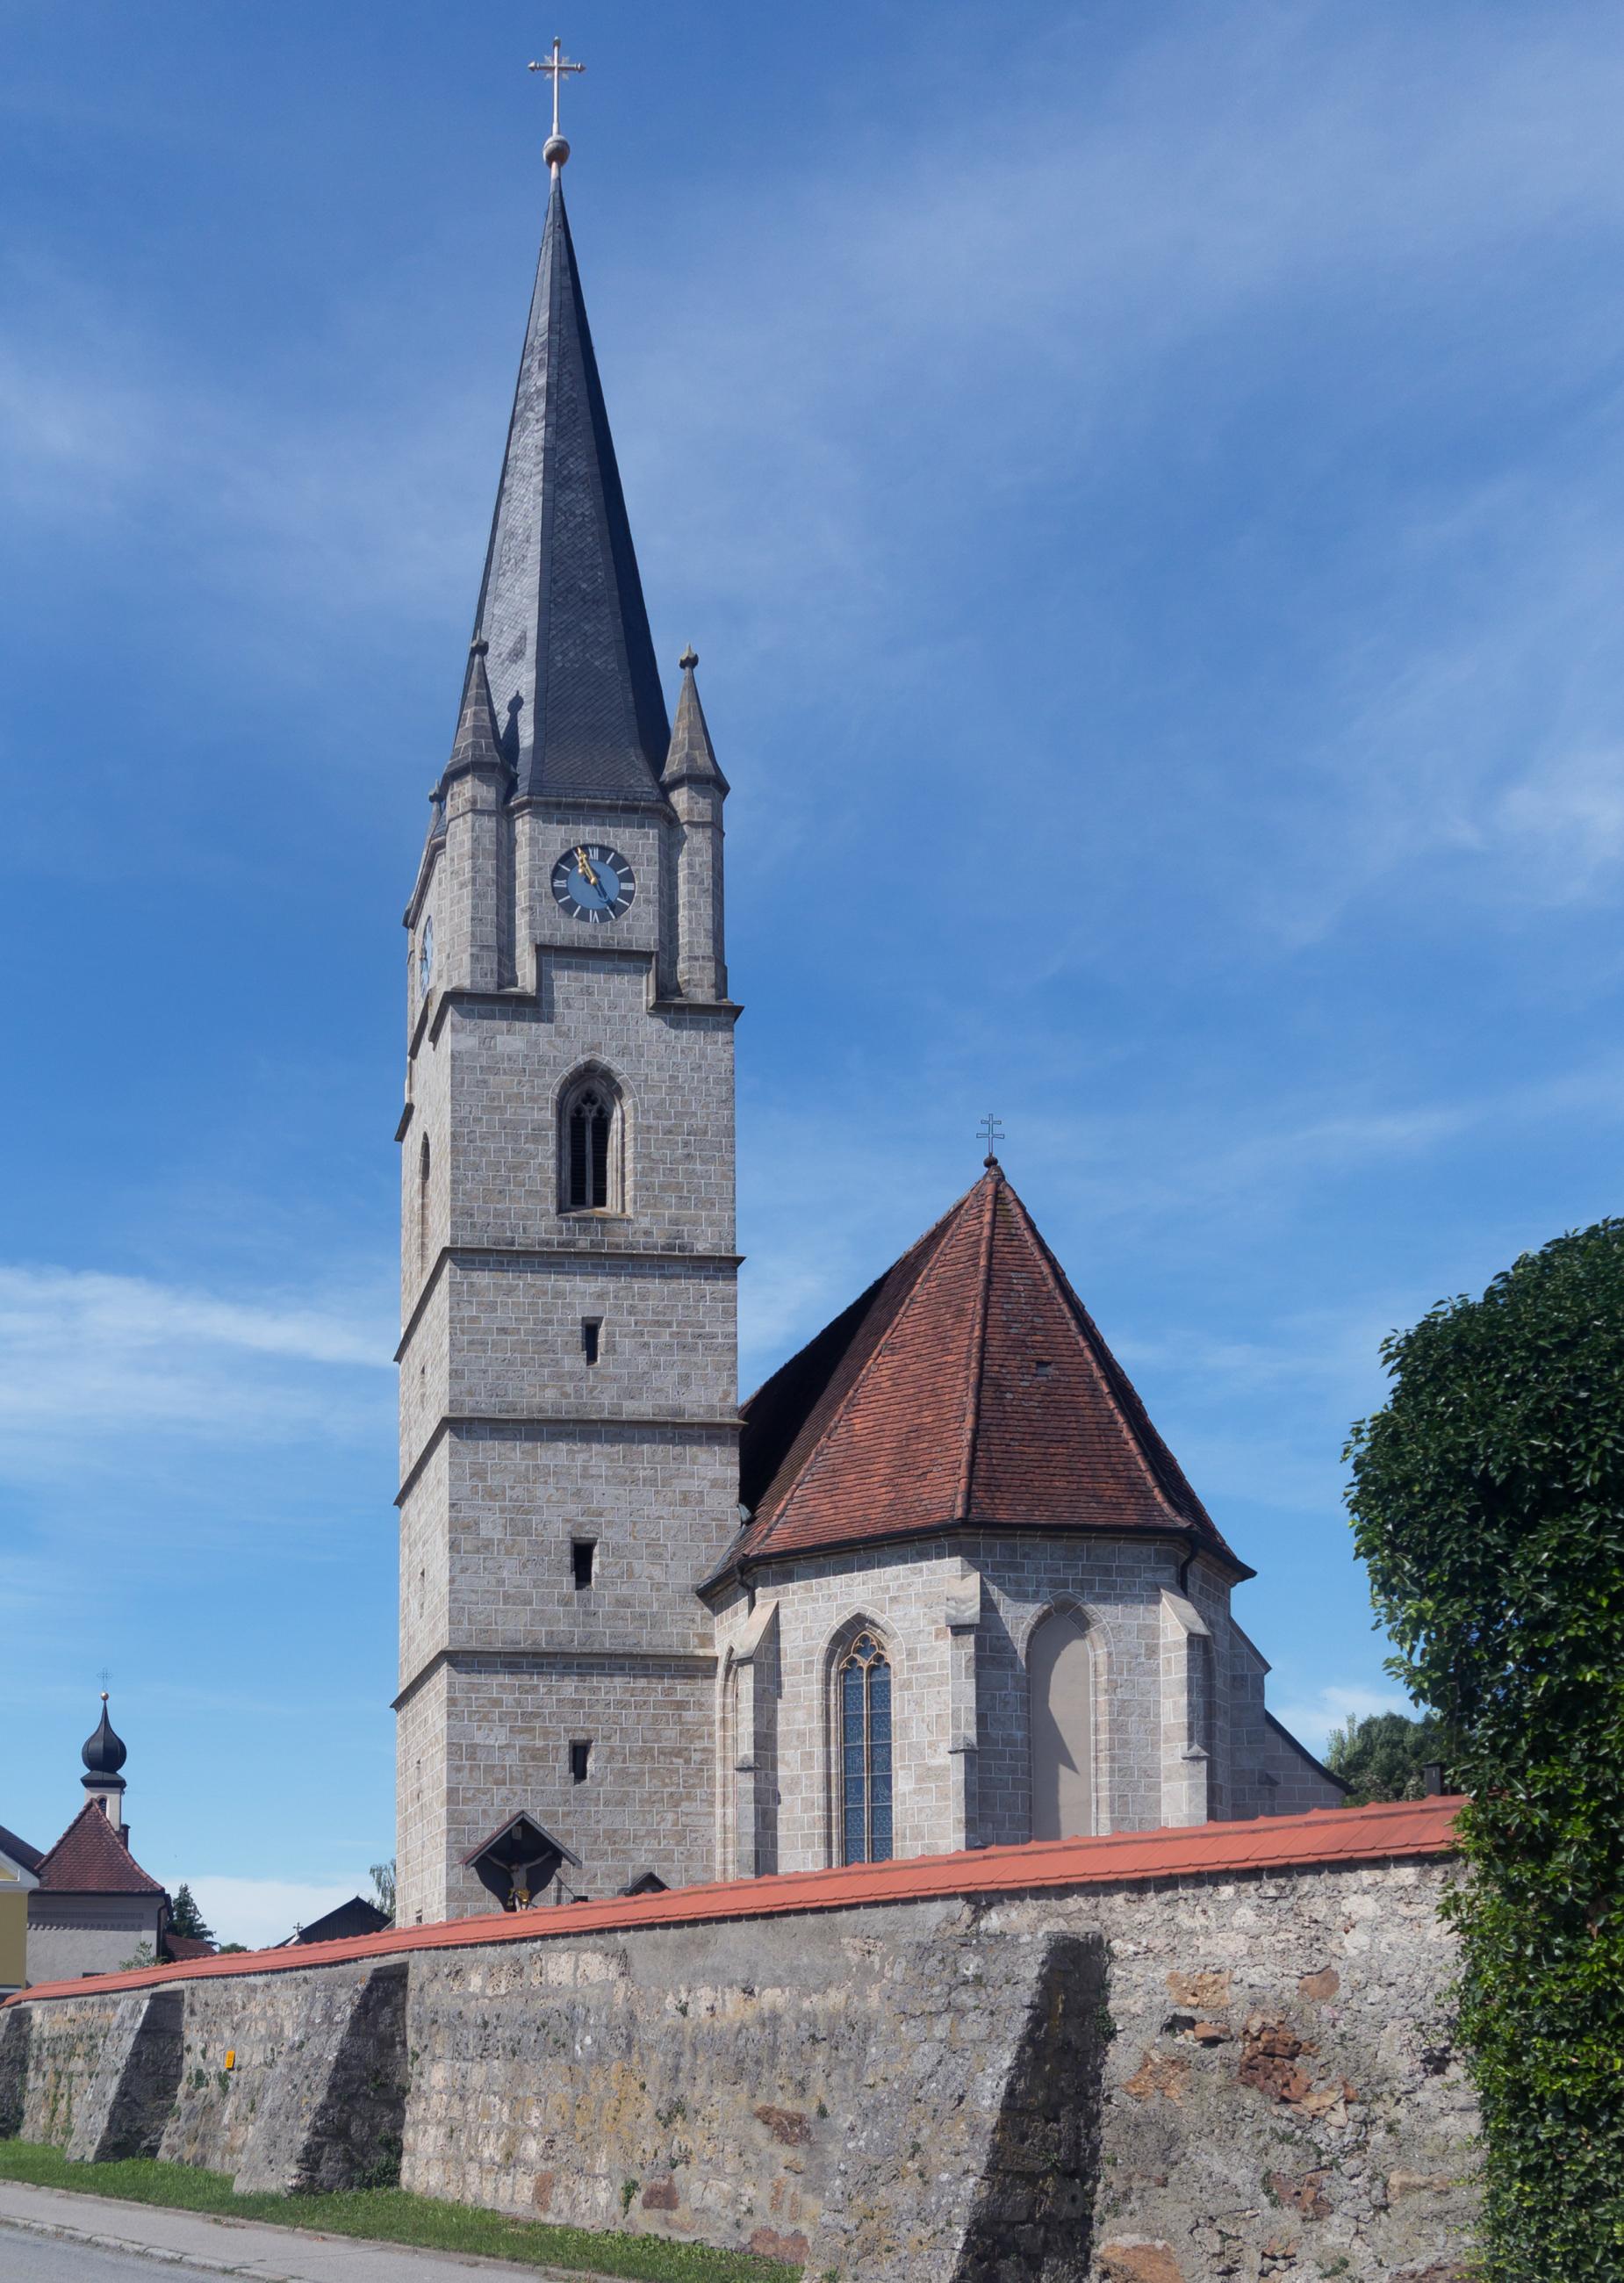 Malching2C Die Katholische Pfarrkirche Sankt Aegidius Dmd 2 75 132 3 Foto7 2017 08 08 10 55